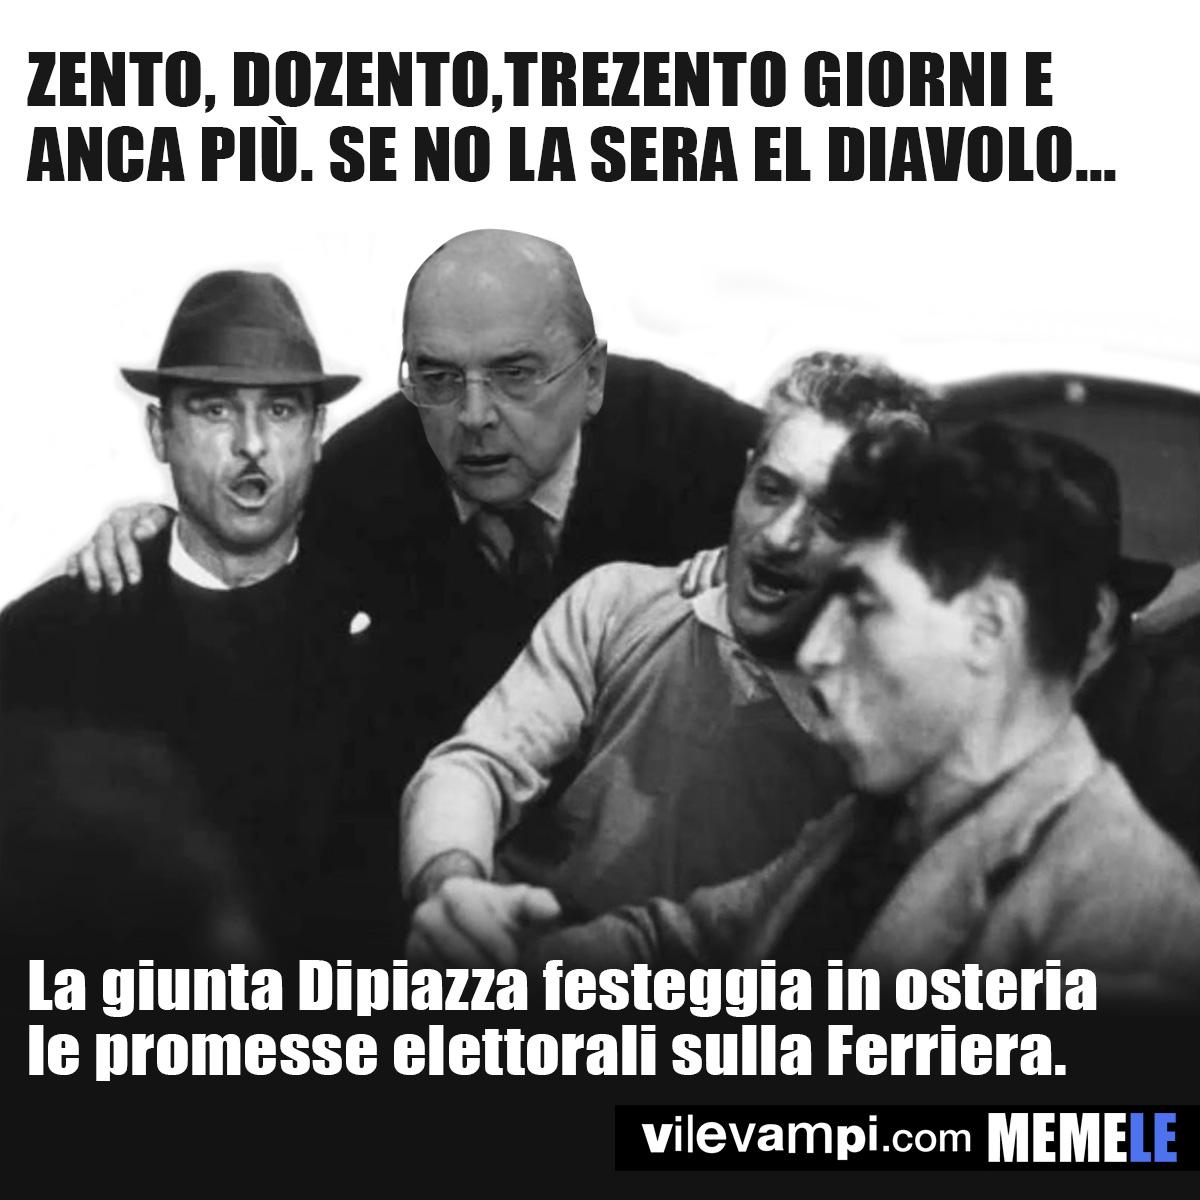 2020_Ferriere_DIPI_Osteria